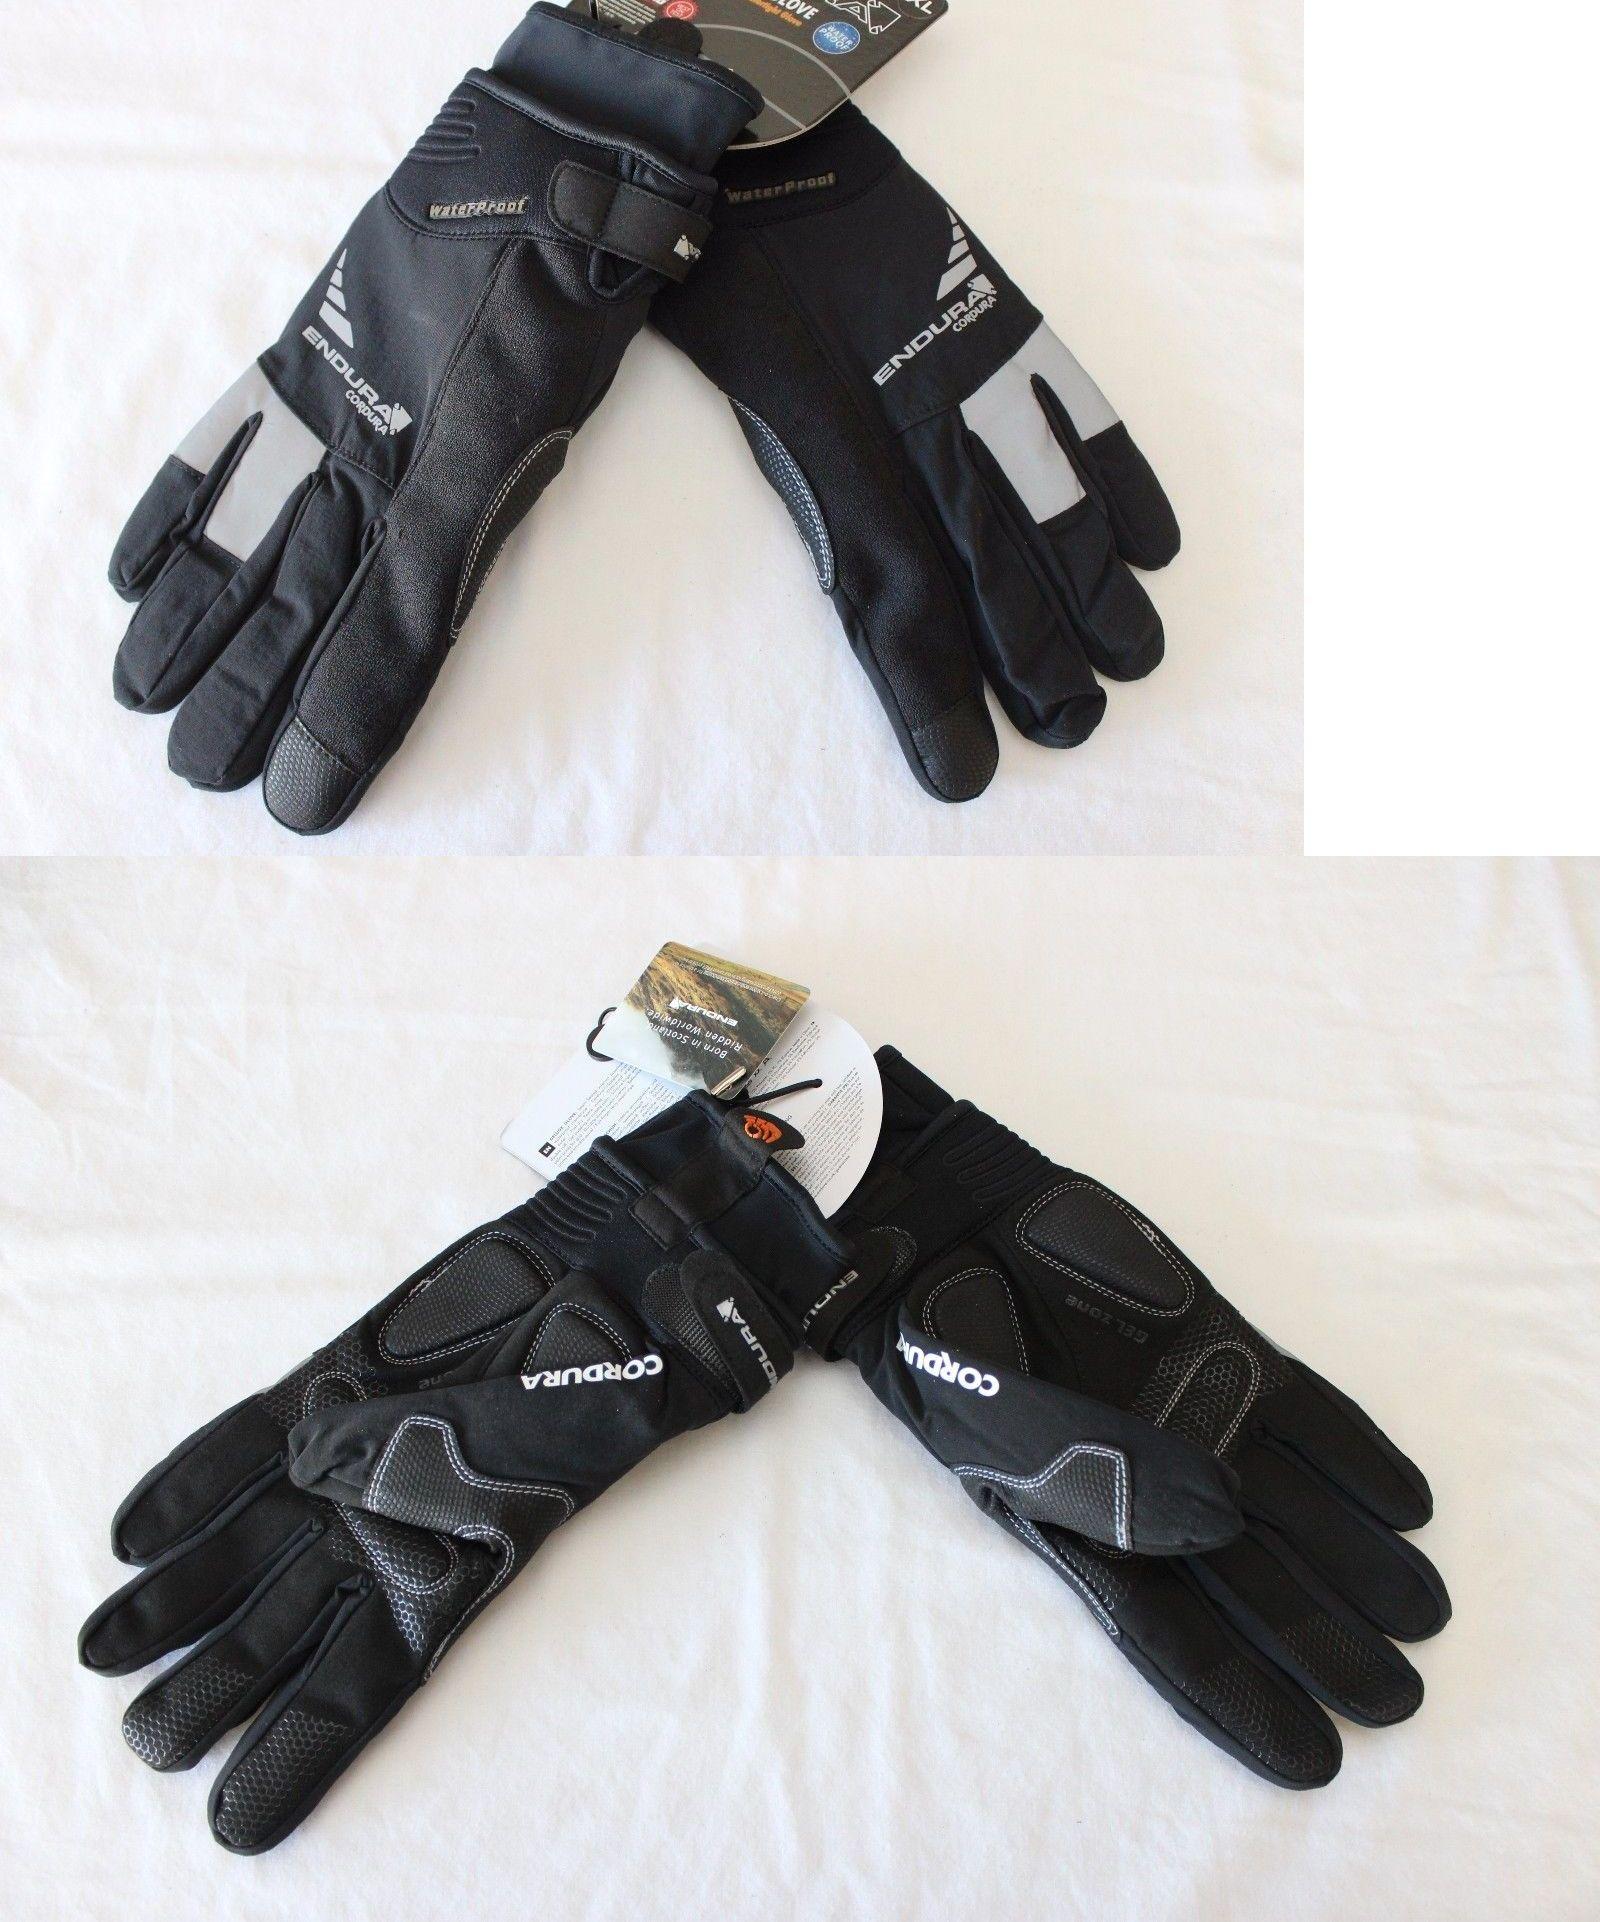 Gloves new endura deluge winter gloves full finger bike